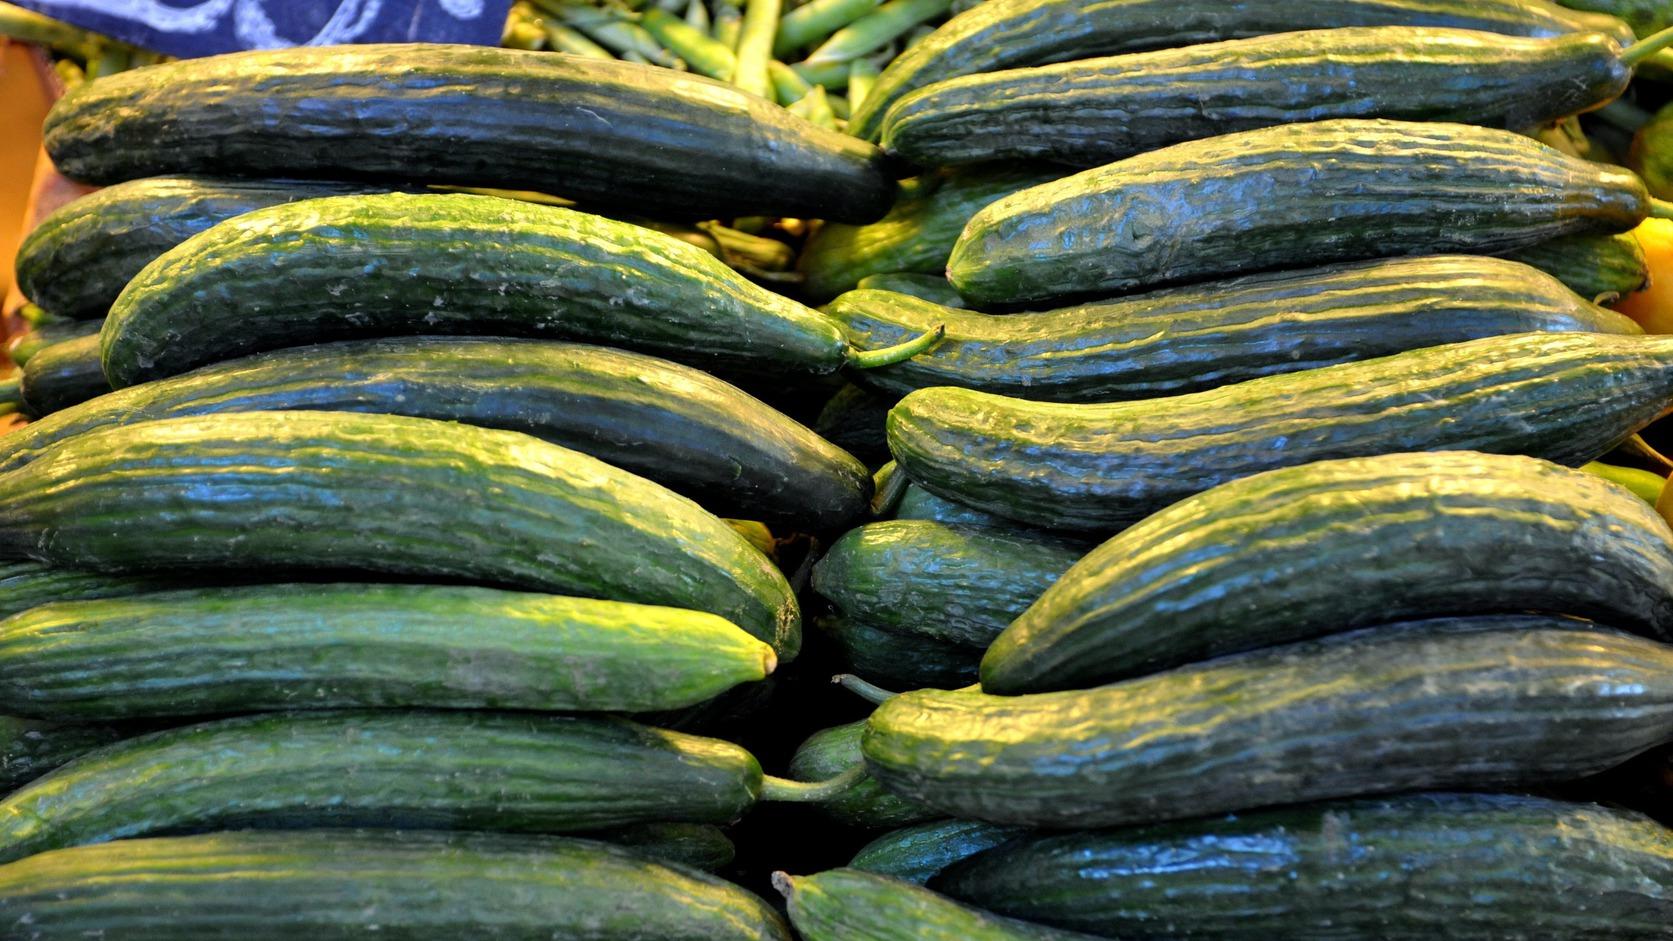 Budapest, 2011. június 3. Magyar kígyóuborka a pulton a Központi Vásárcsarnokban, ahol a vidékfejlesztési miniszter a németországi járvány miatt a zöldség-gyümölcs piaci helyzetről tájékozódik. MTI Fotó: Soós Lajos